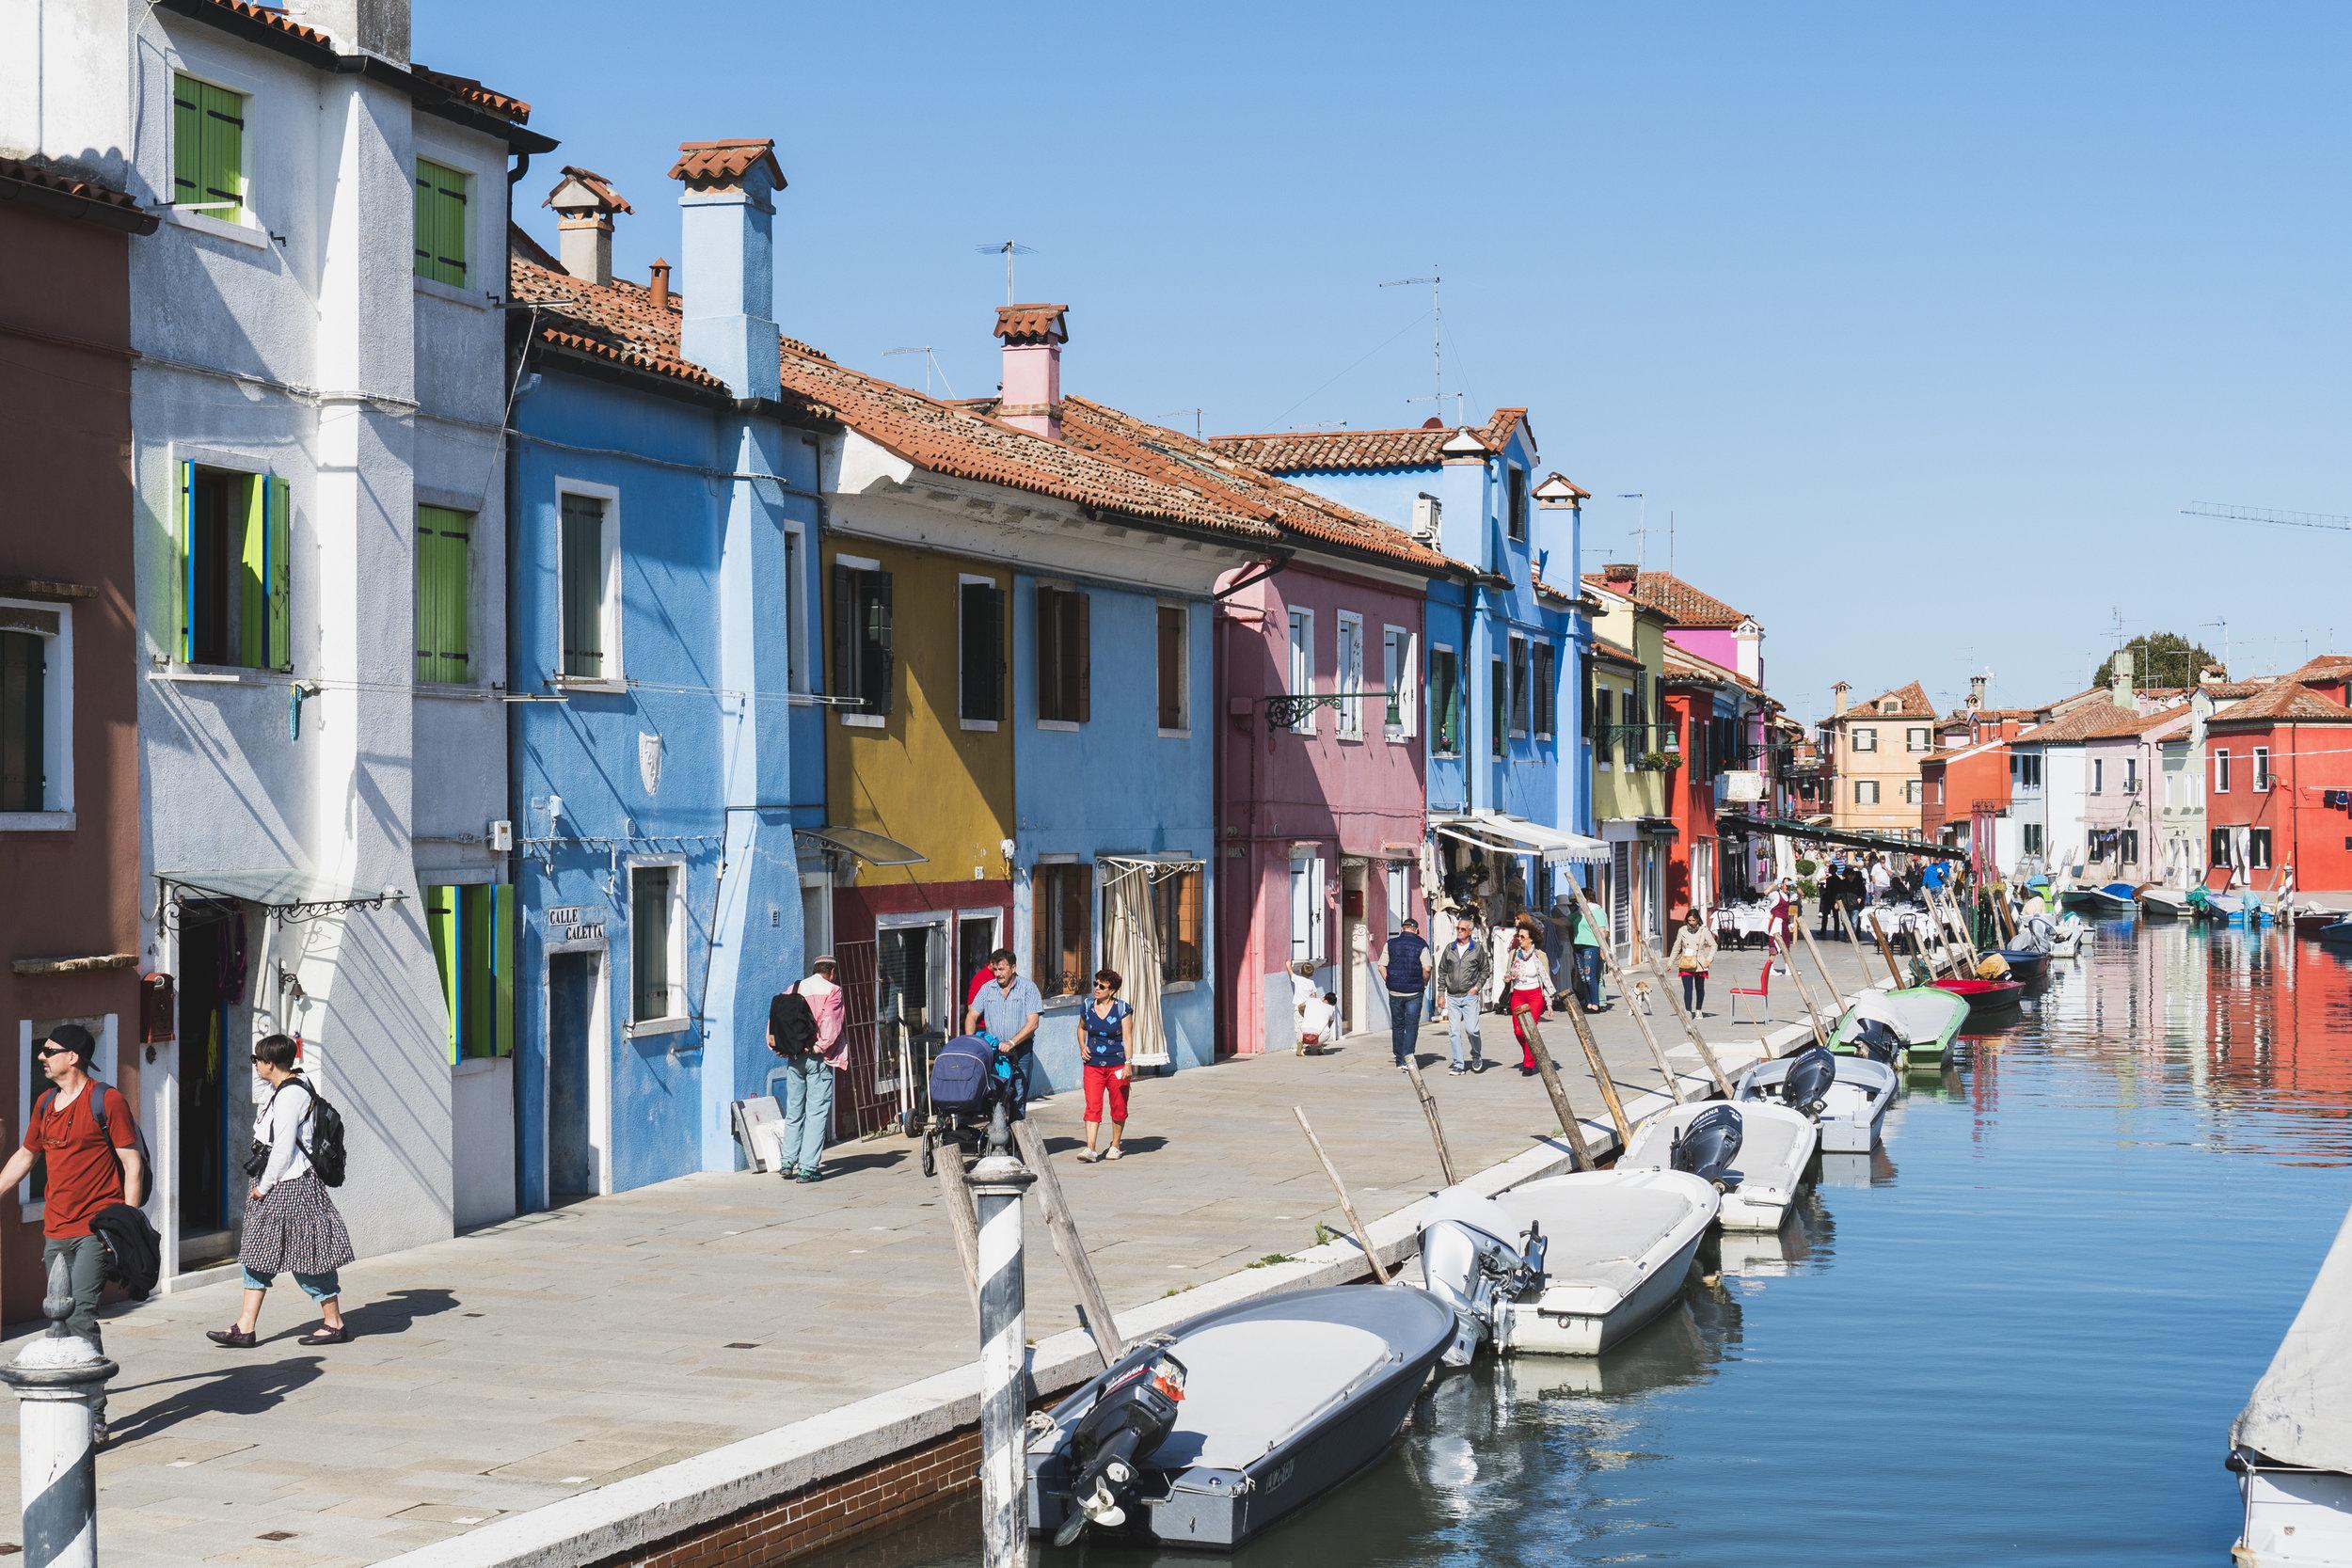 O_Italy-Venice-033.jpg